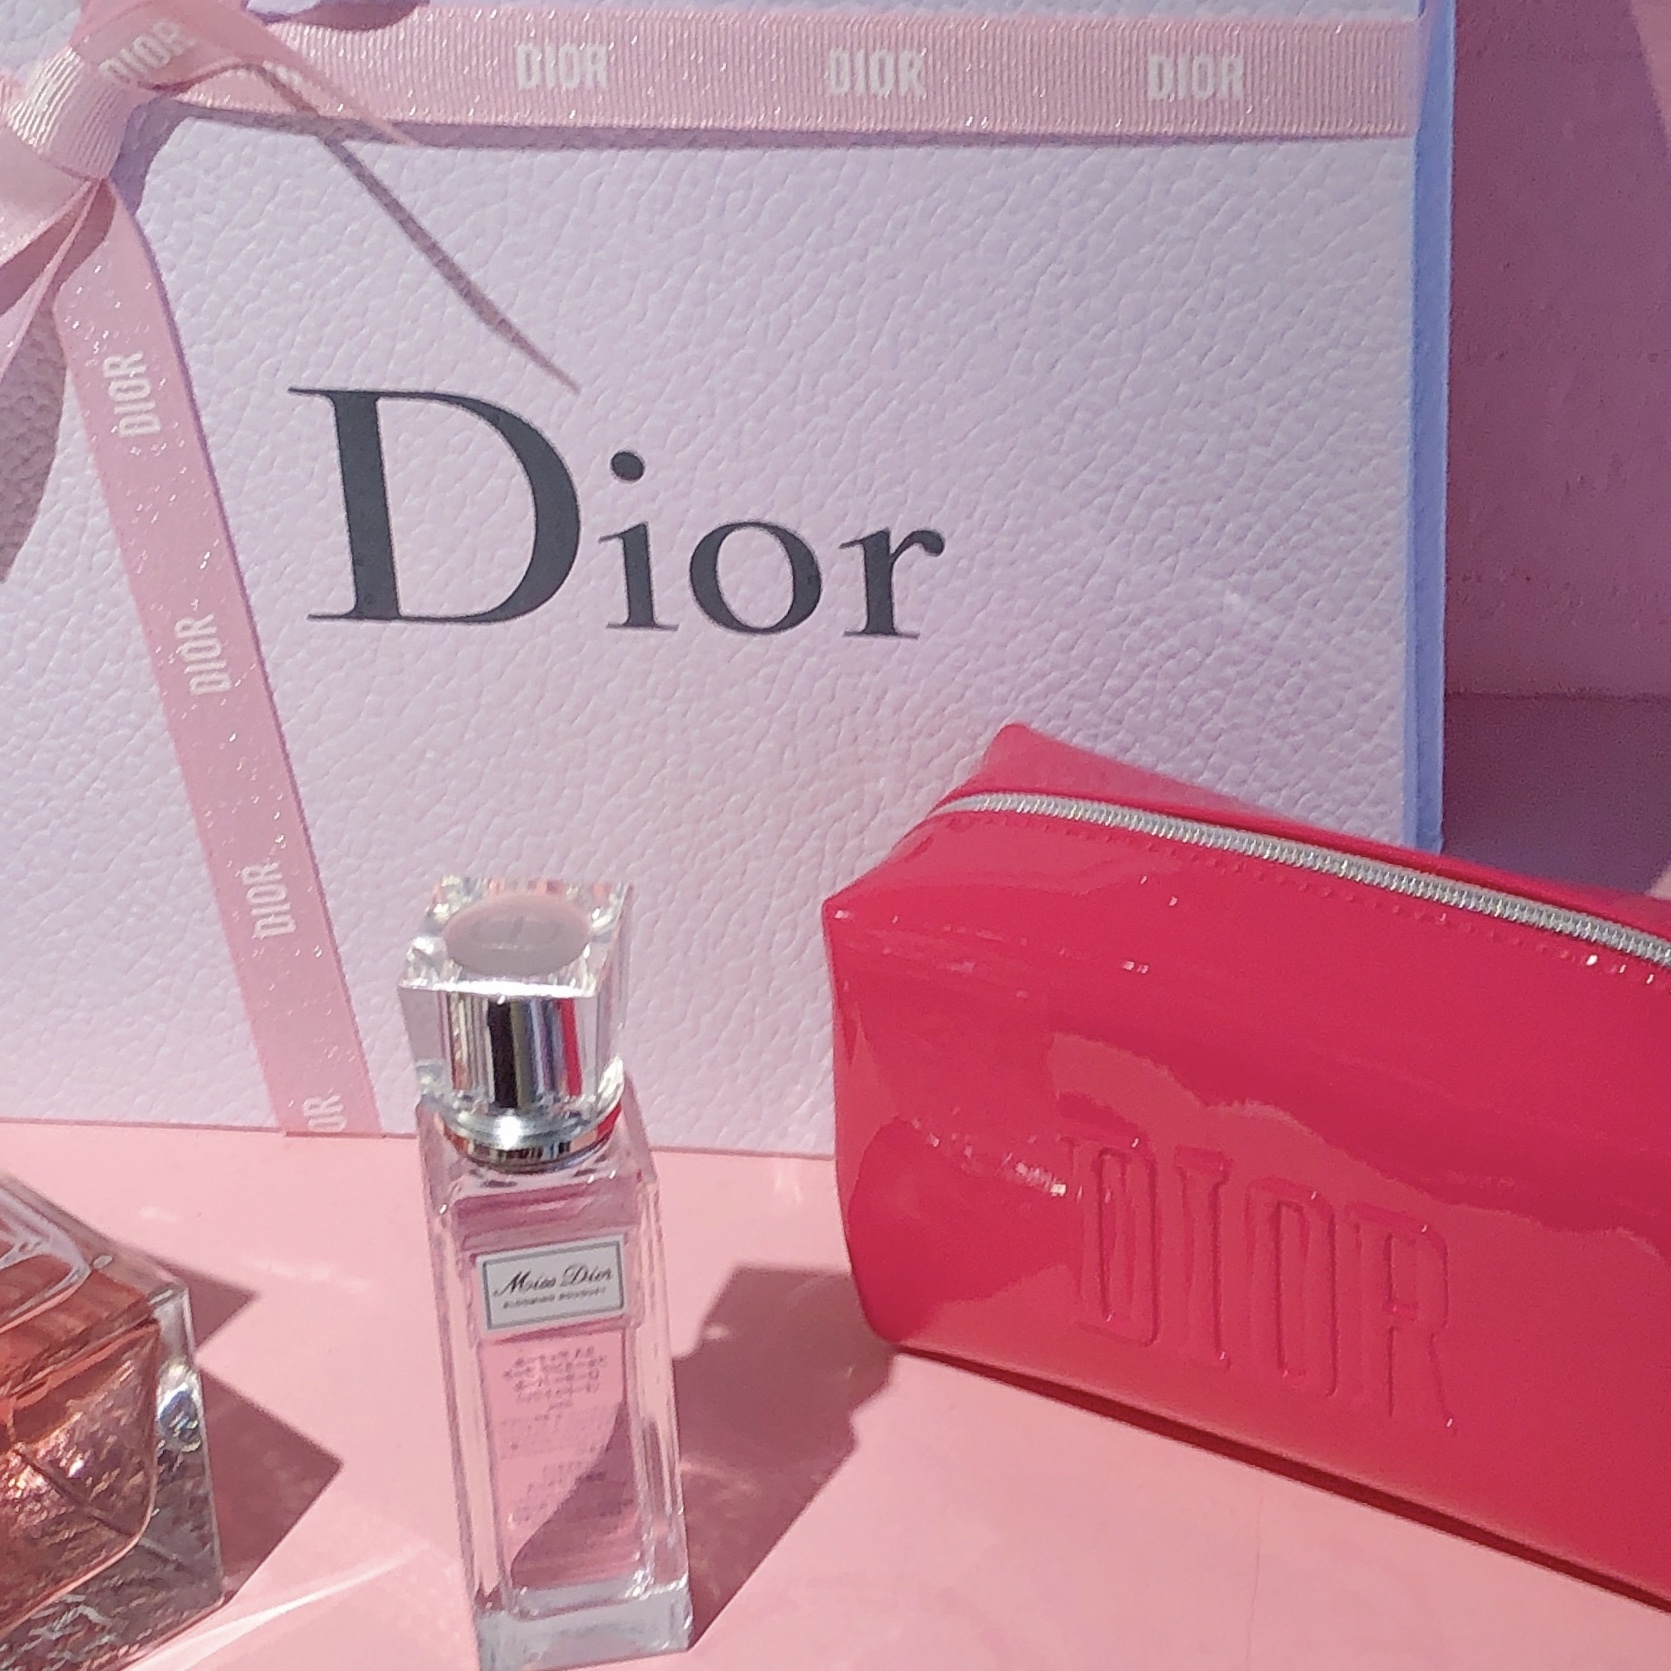 【入場無料!Dior展覧会】限定ポーチGET!限定コスメの発売も♡_1_6